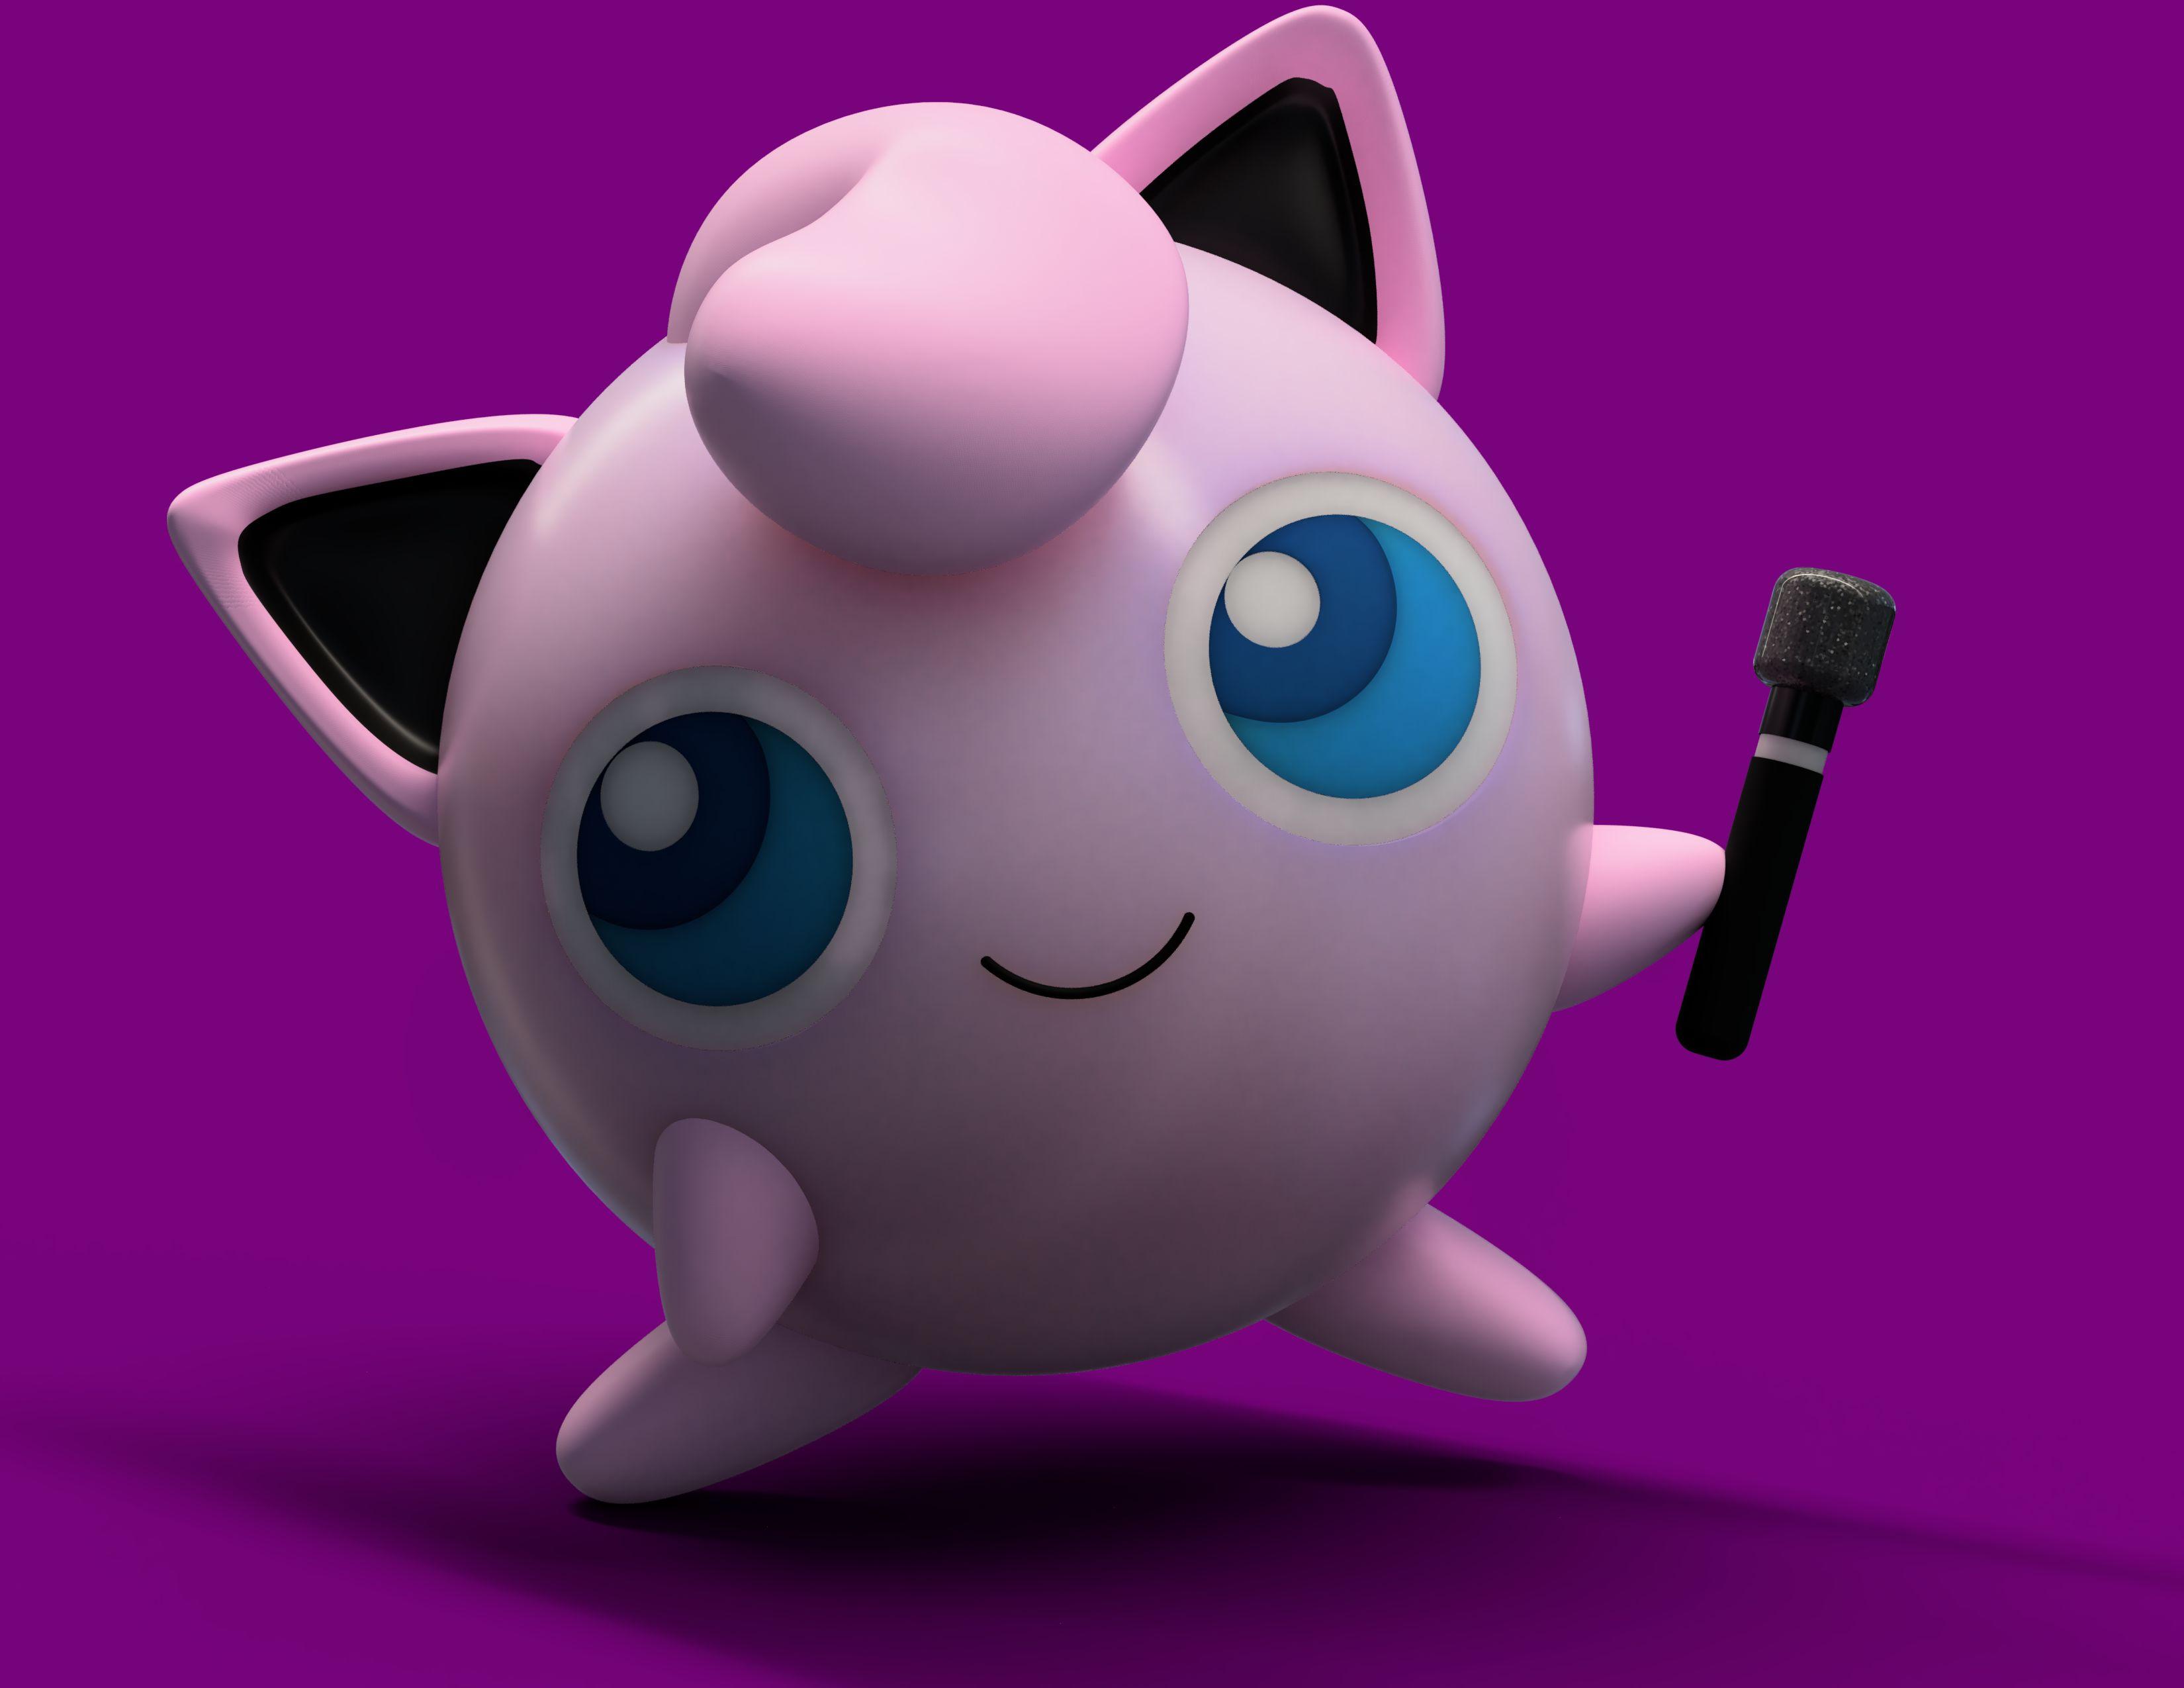 Pokemon--jiggliepof-2019-dec-24-06-37-27am-000-customizedview24304393635-png-3500-3500